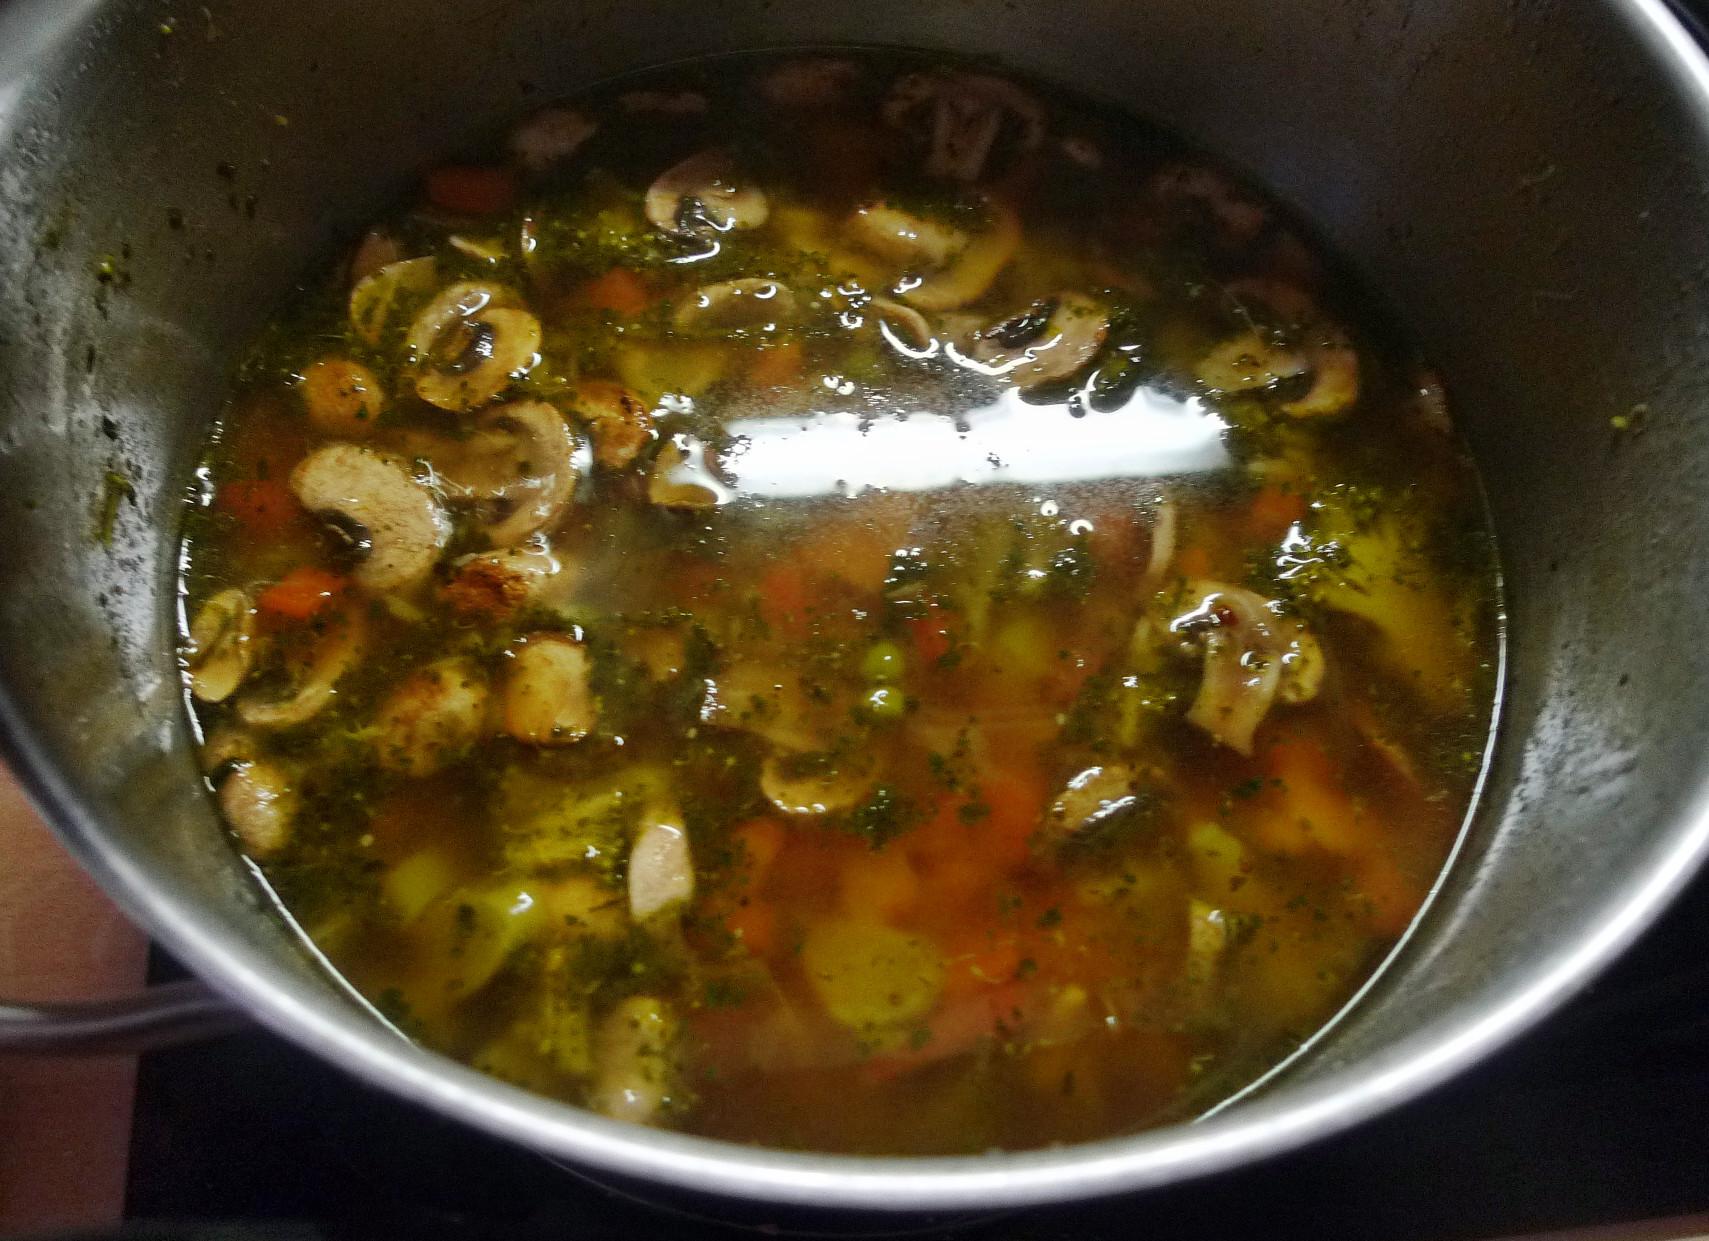 Gemüsesuppe mit Cräcker-6.3.15   (8)